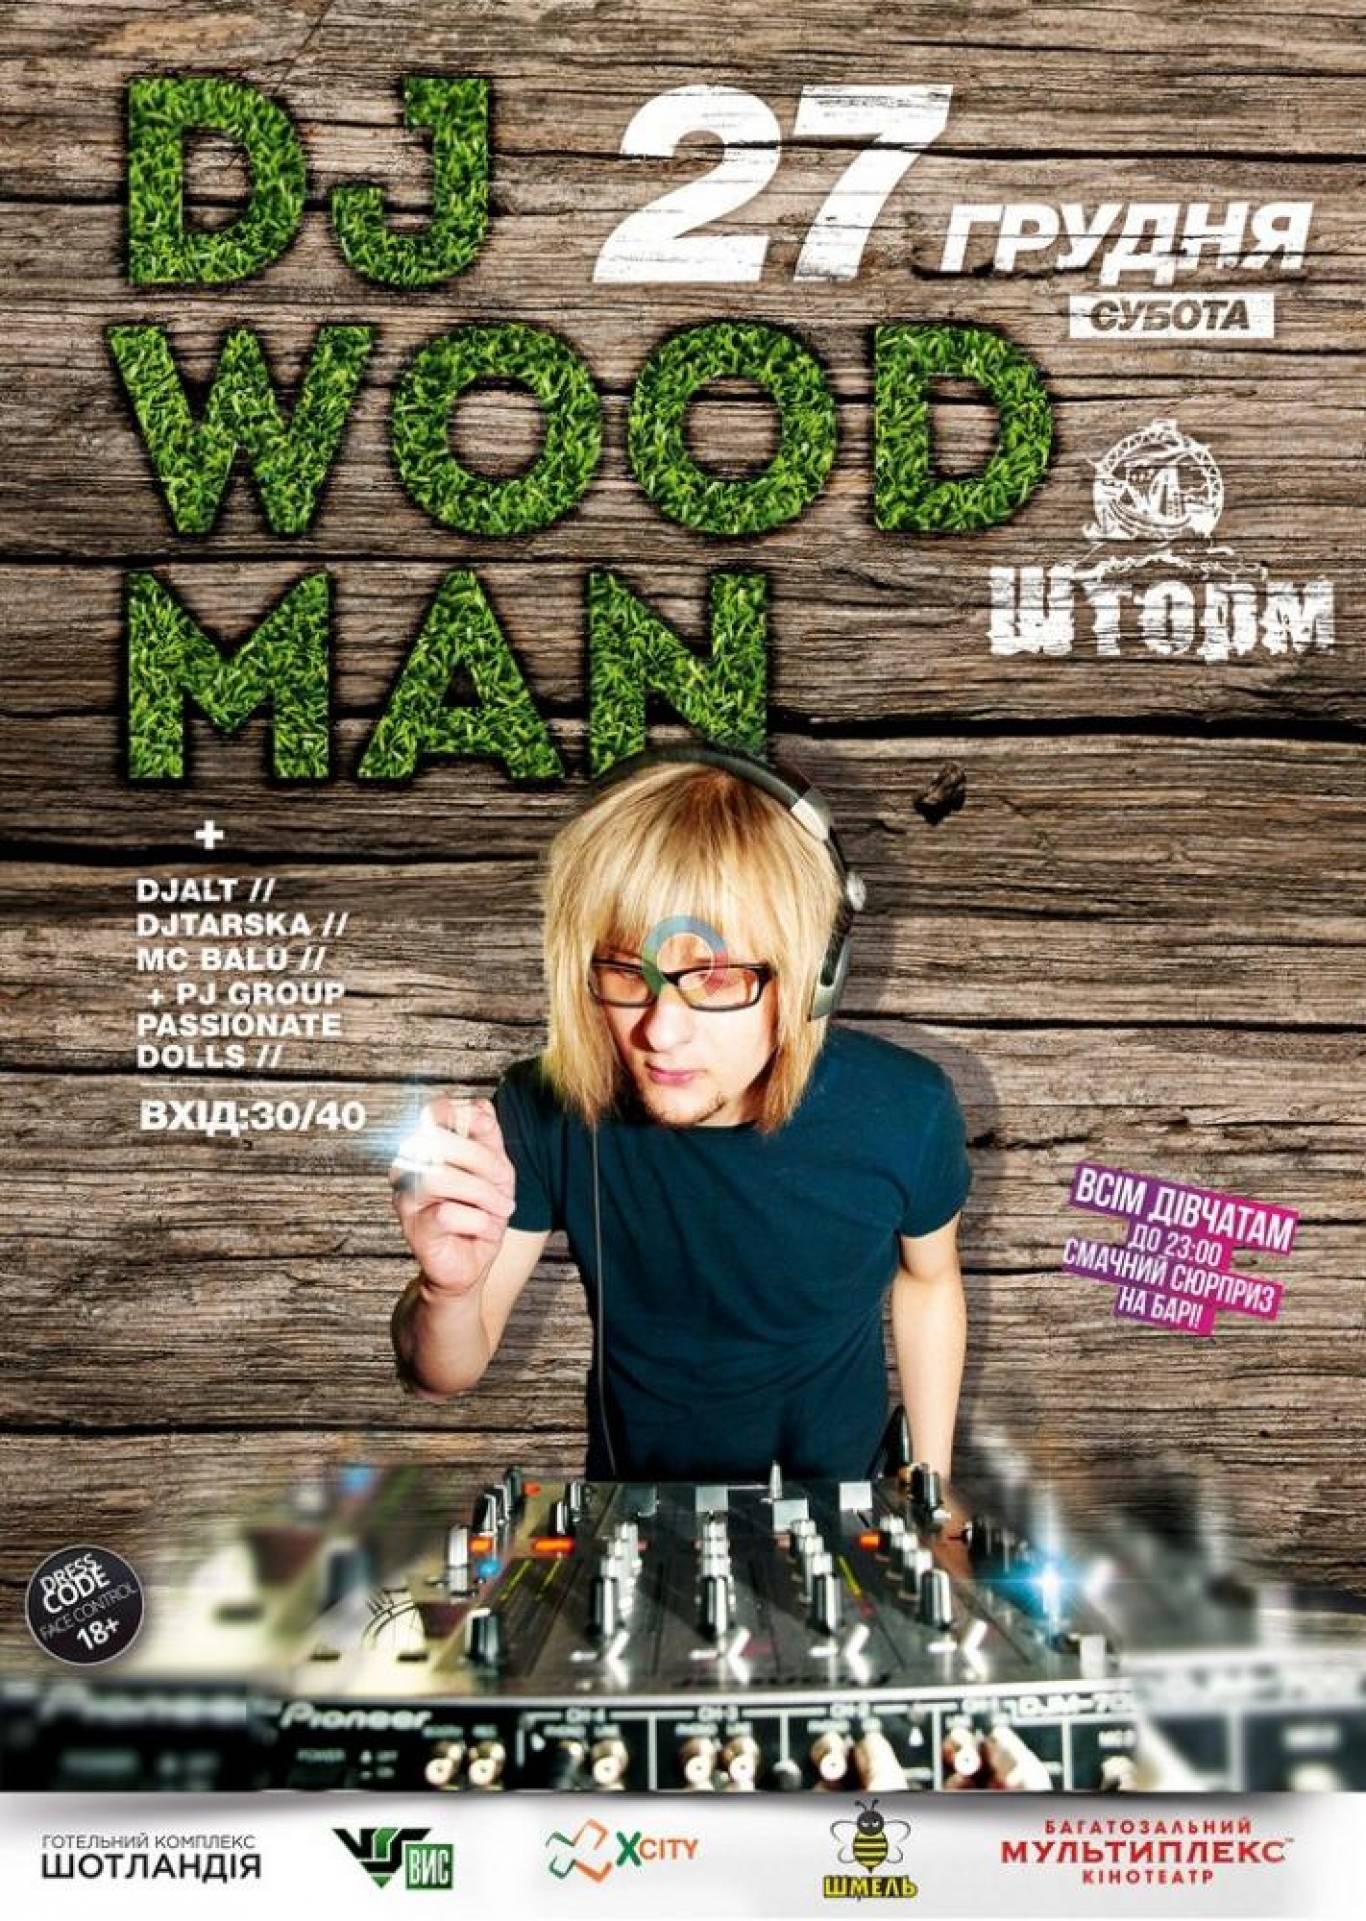 DJ Wood Man